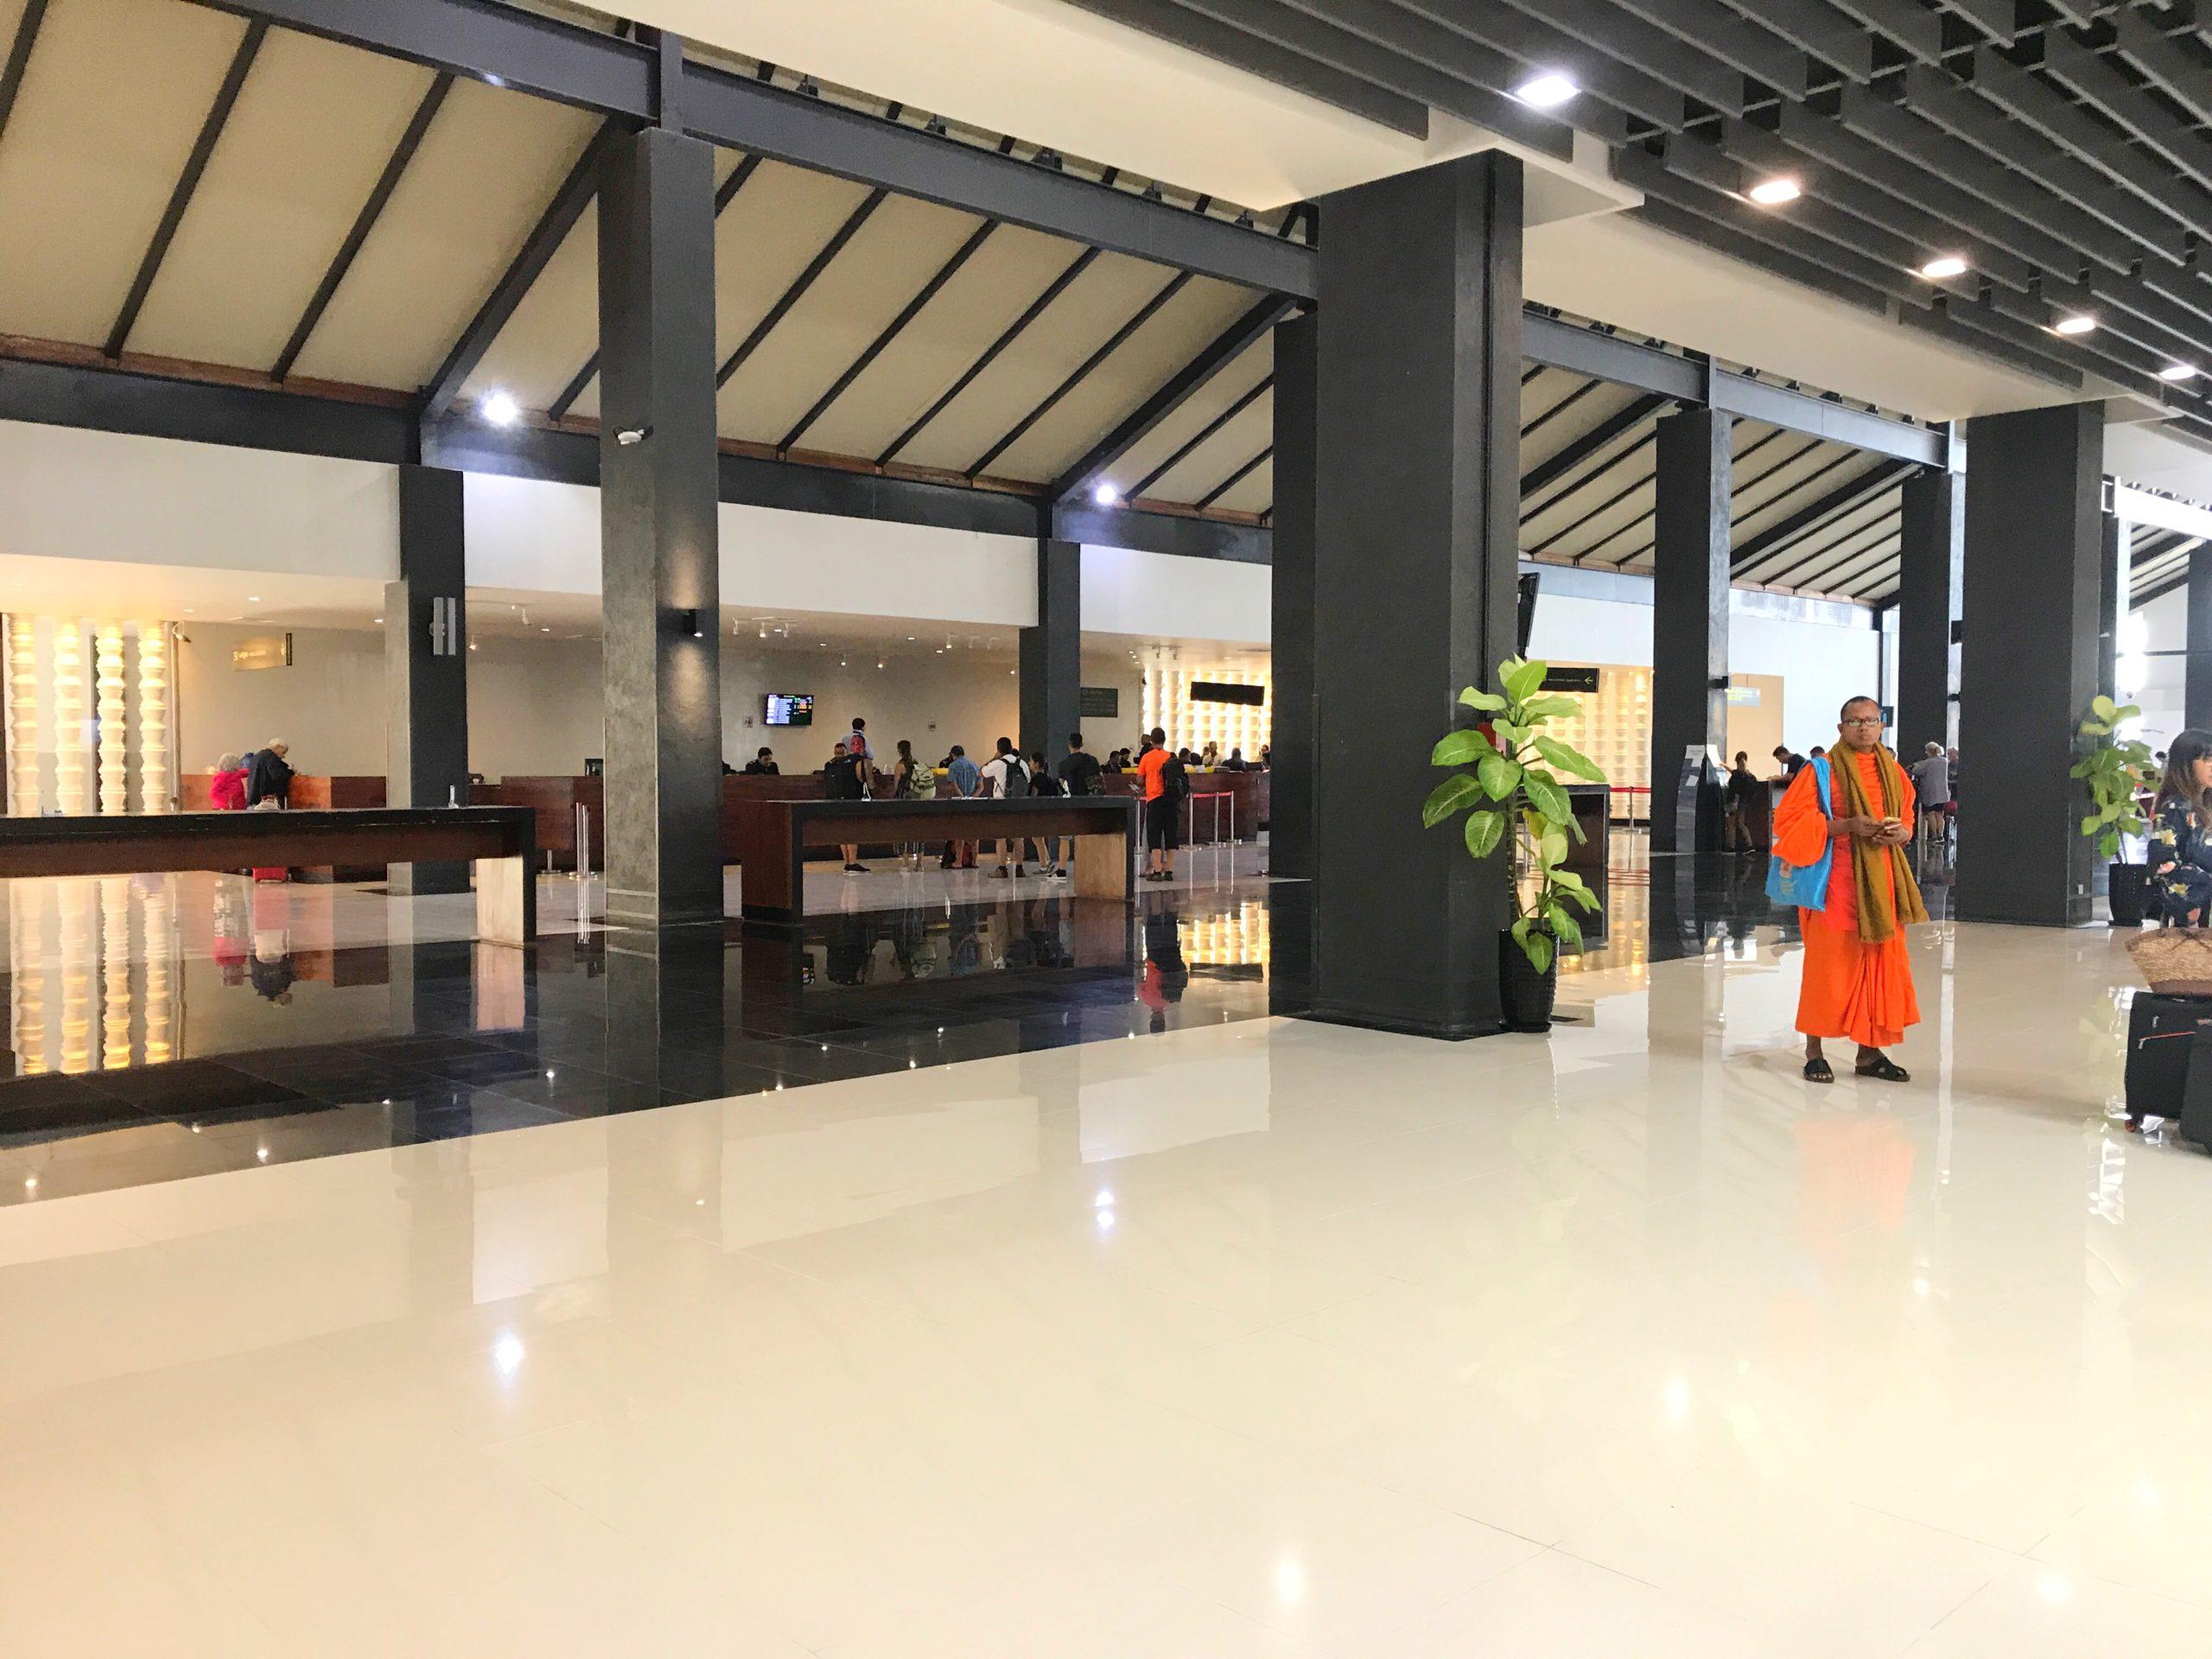 【カンボジア】シェムリアップ国際空港で空港送迎サービスのトゥクトゥクドライバーが居なくて焦った